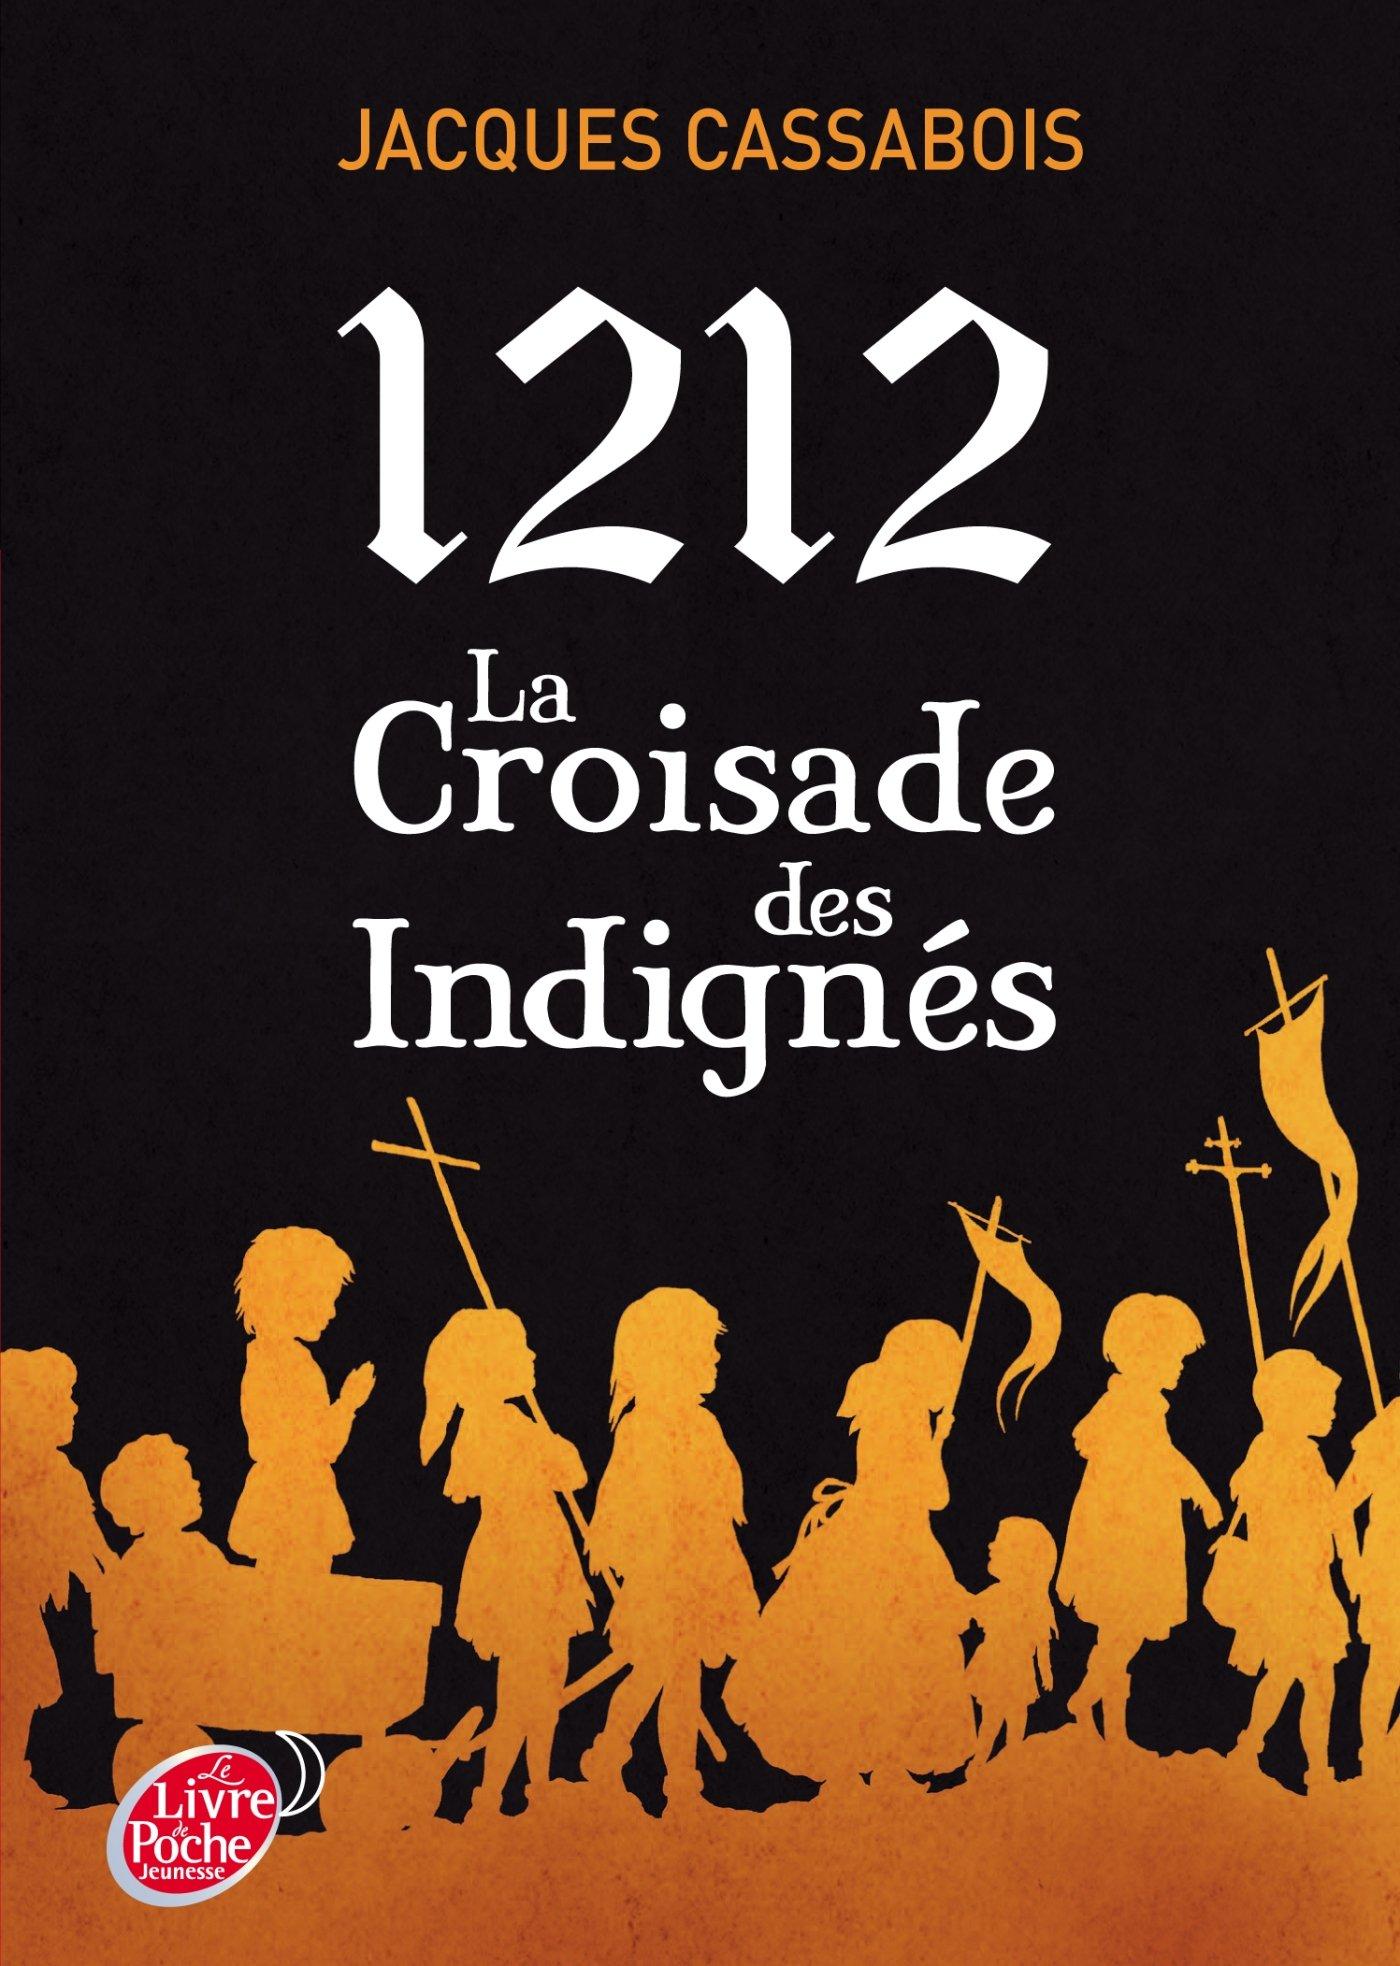 1212 La croisade des indignés: Amazon.co.uk: Jacques Cassabois:  9782013232777: Books